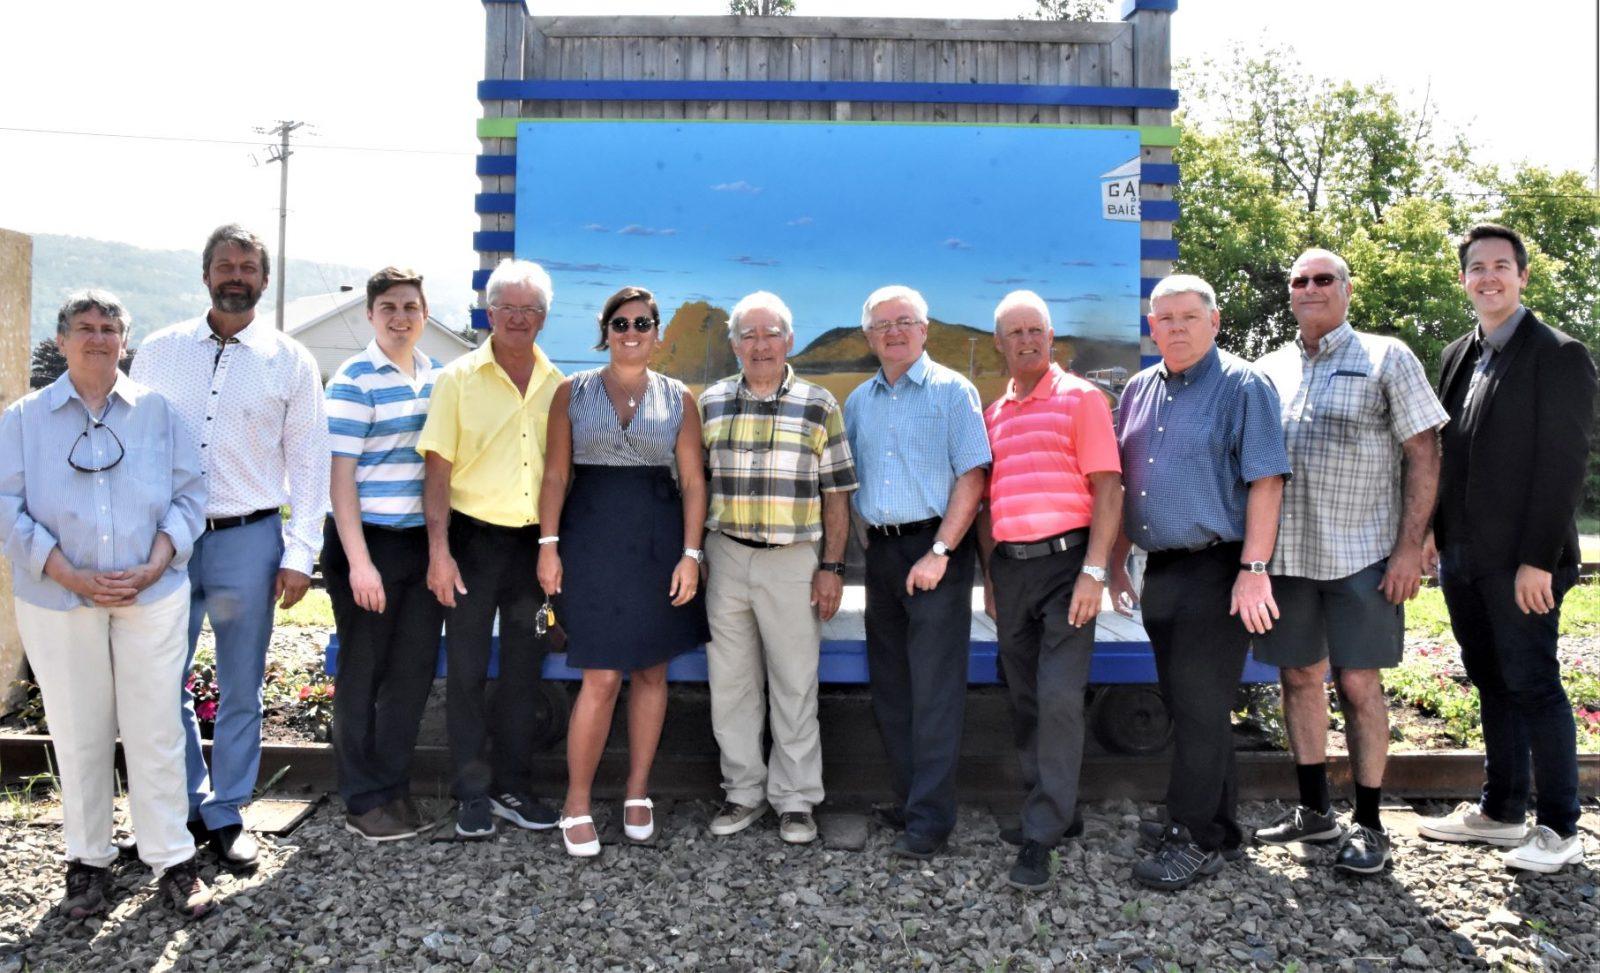 Inauguration du panneau hommage à l'ancienne gare de Baie-Saint-Paul (vidéos)